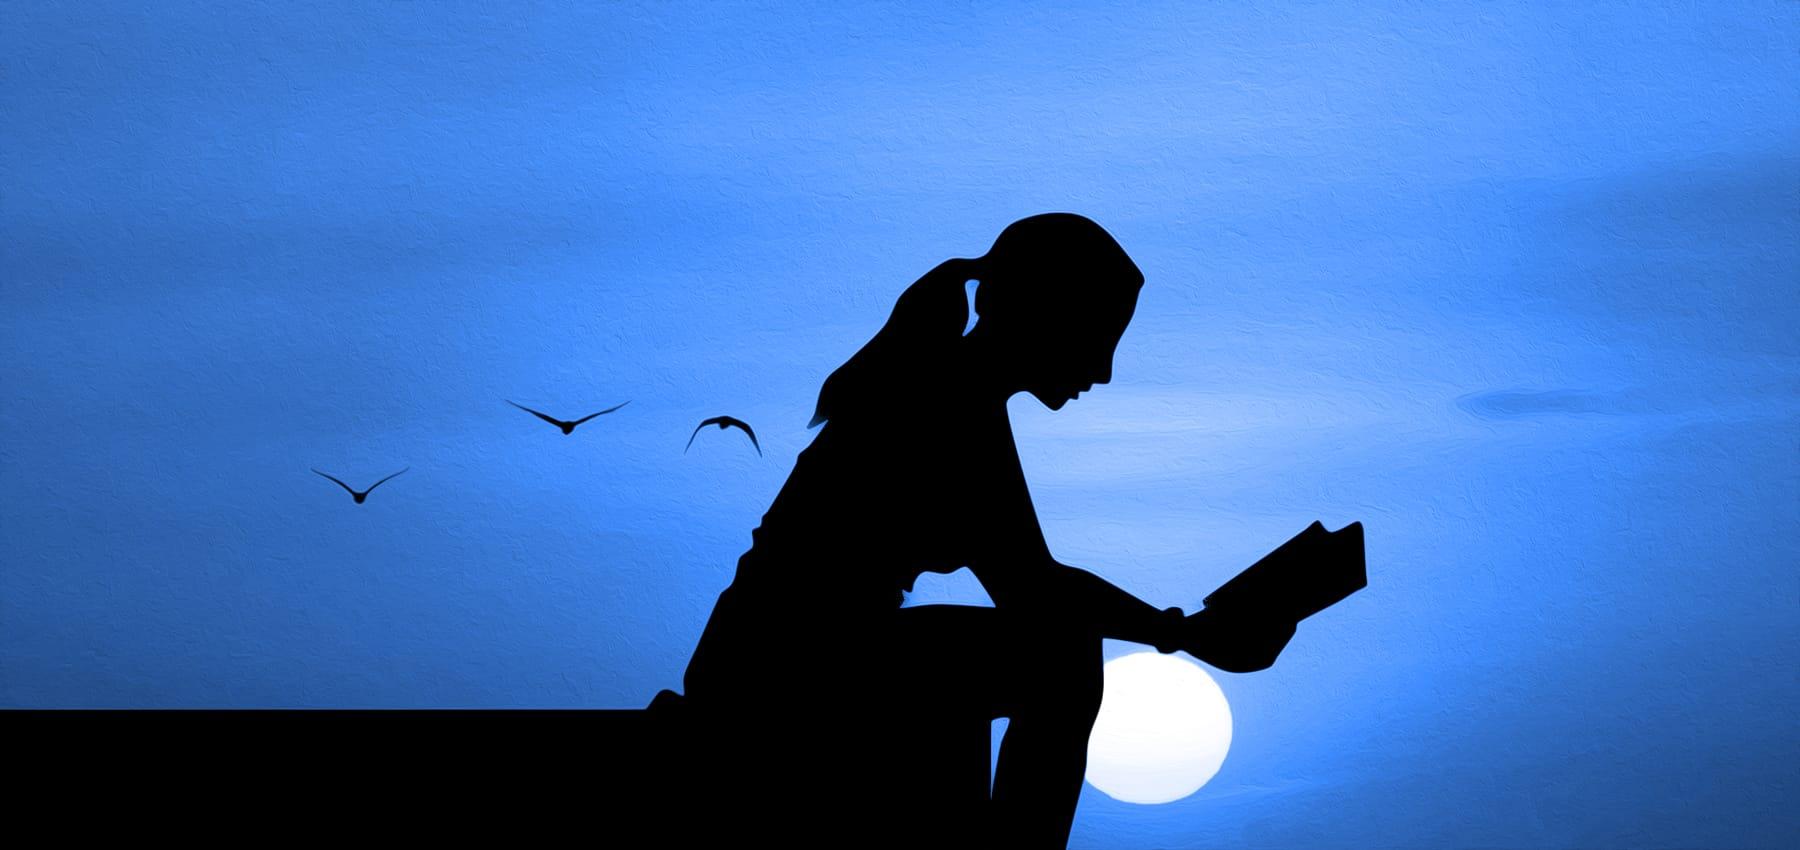 kdor bere, živi tisoč življenj